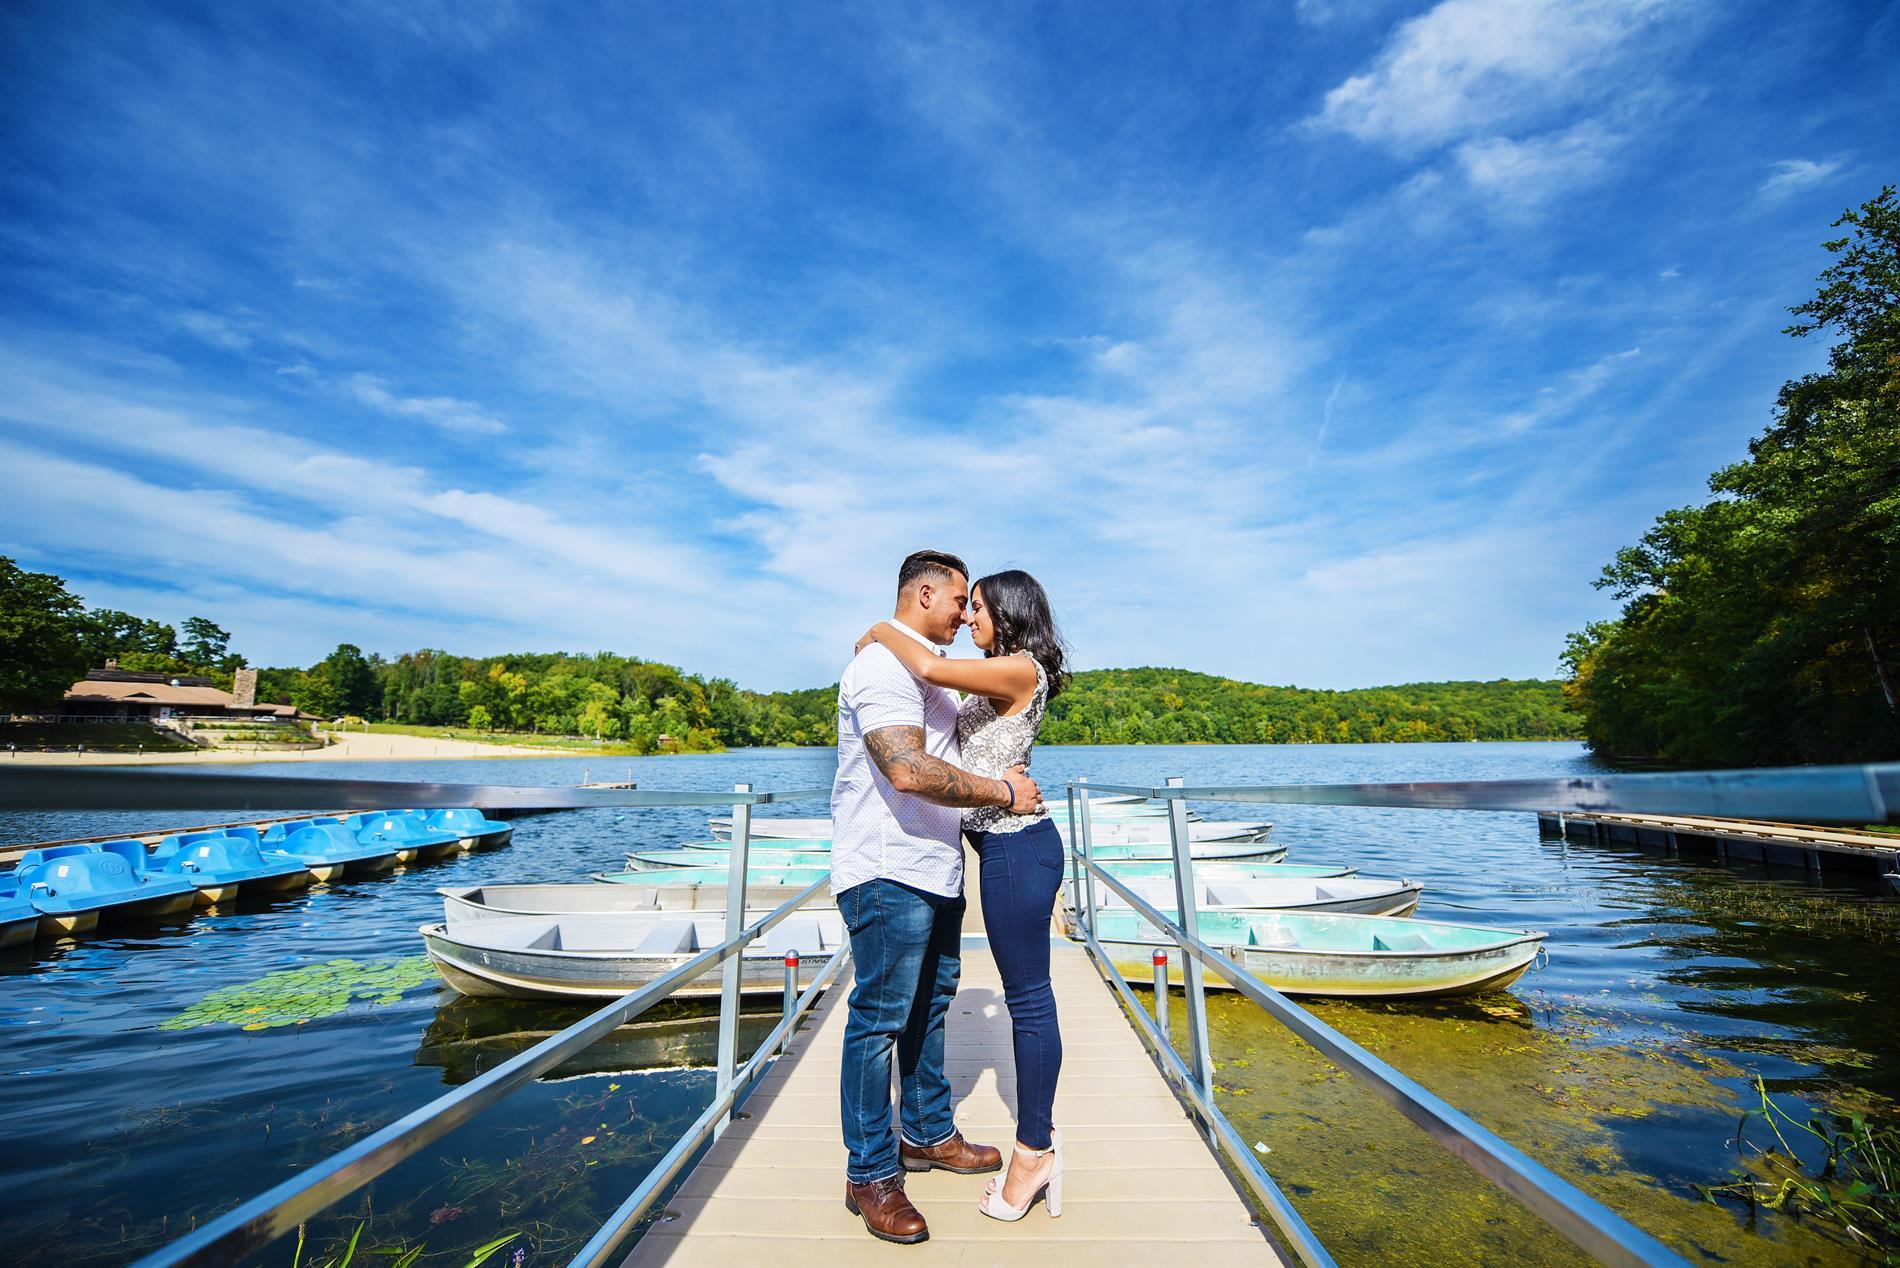 Steven & Rosa Engagement Photos